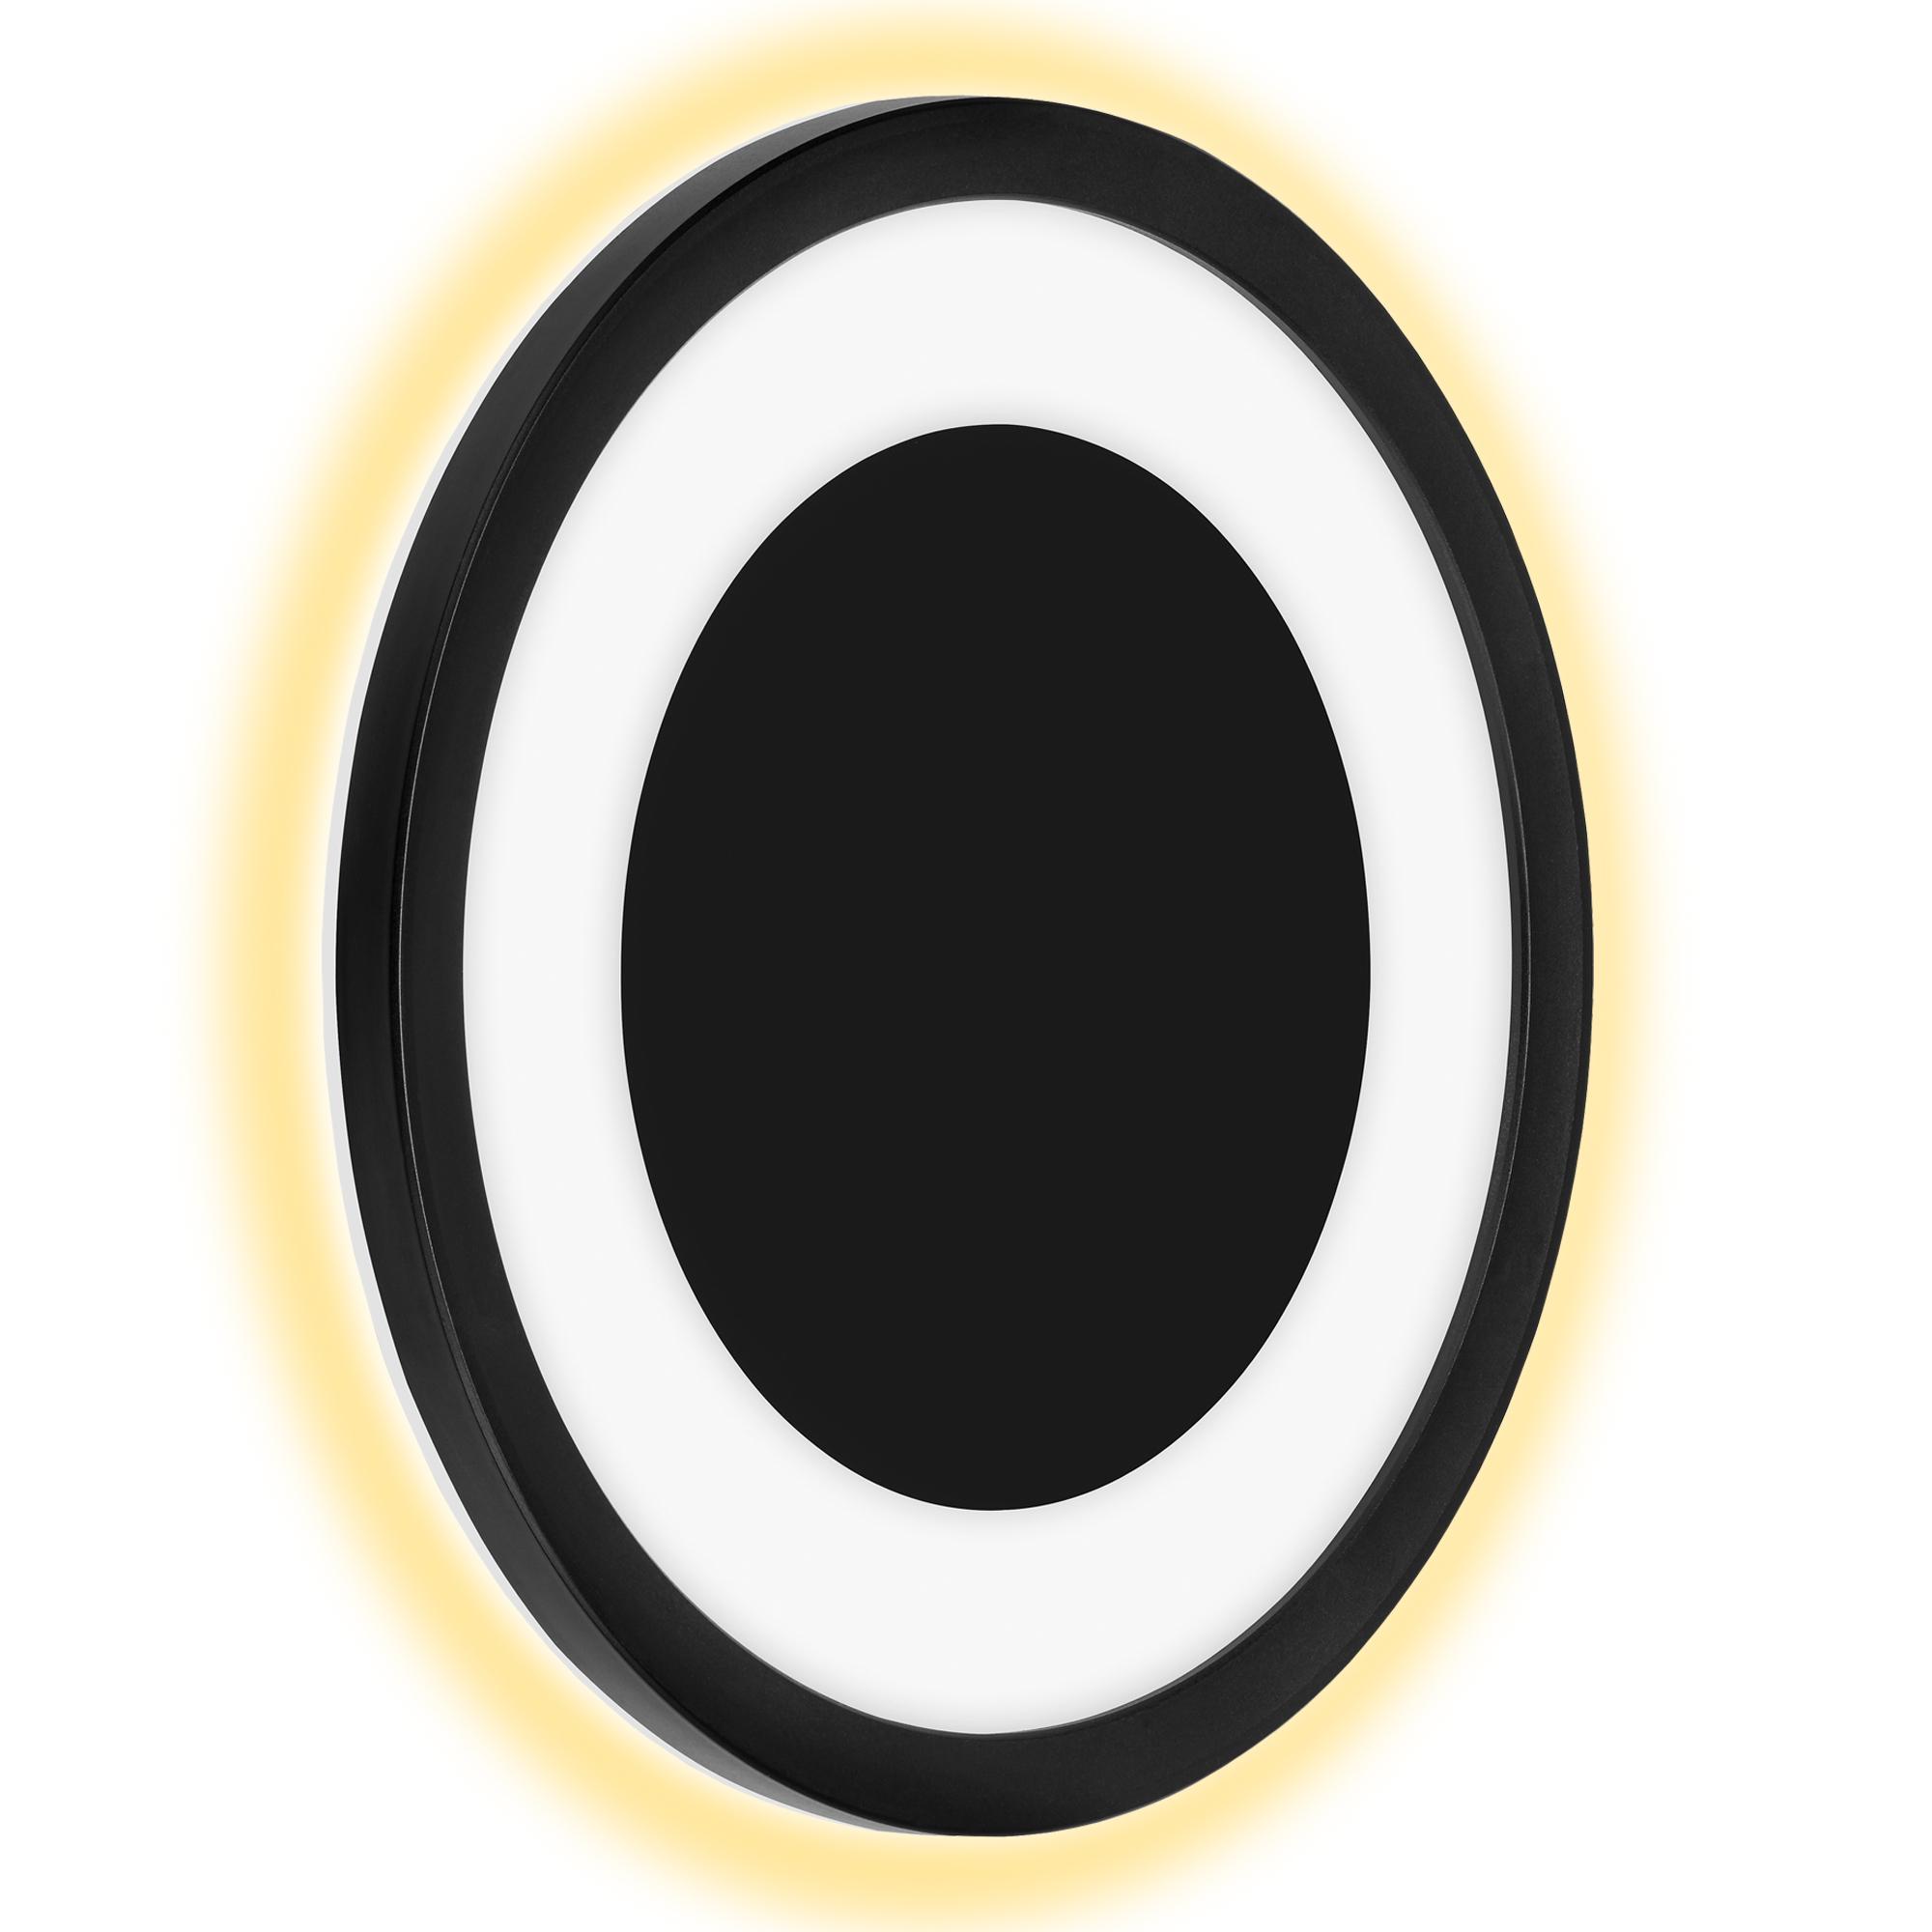 TELEFUNKEN LED Außenwandleuchte, Ø 28 cm, 15 W, Schwarz